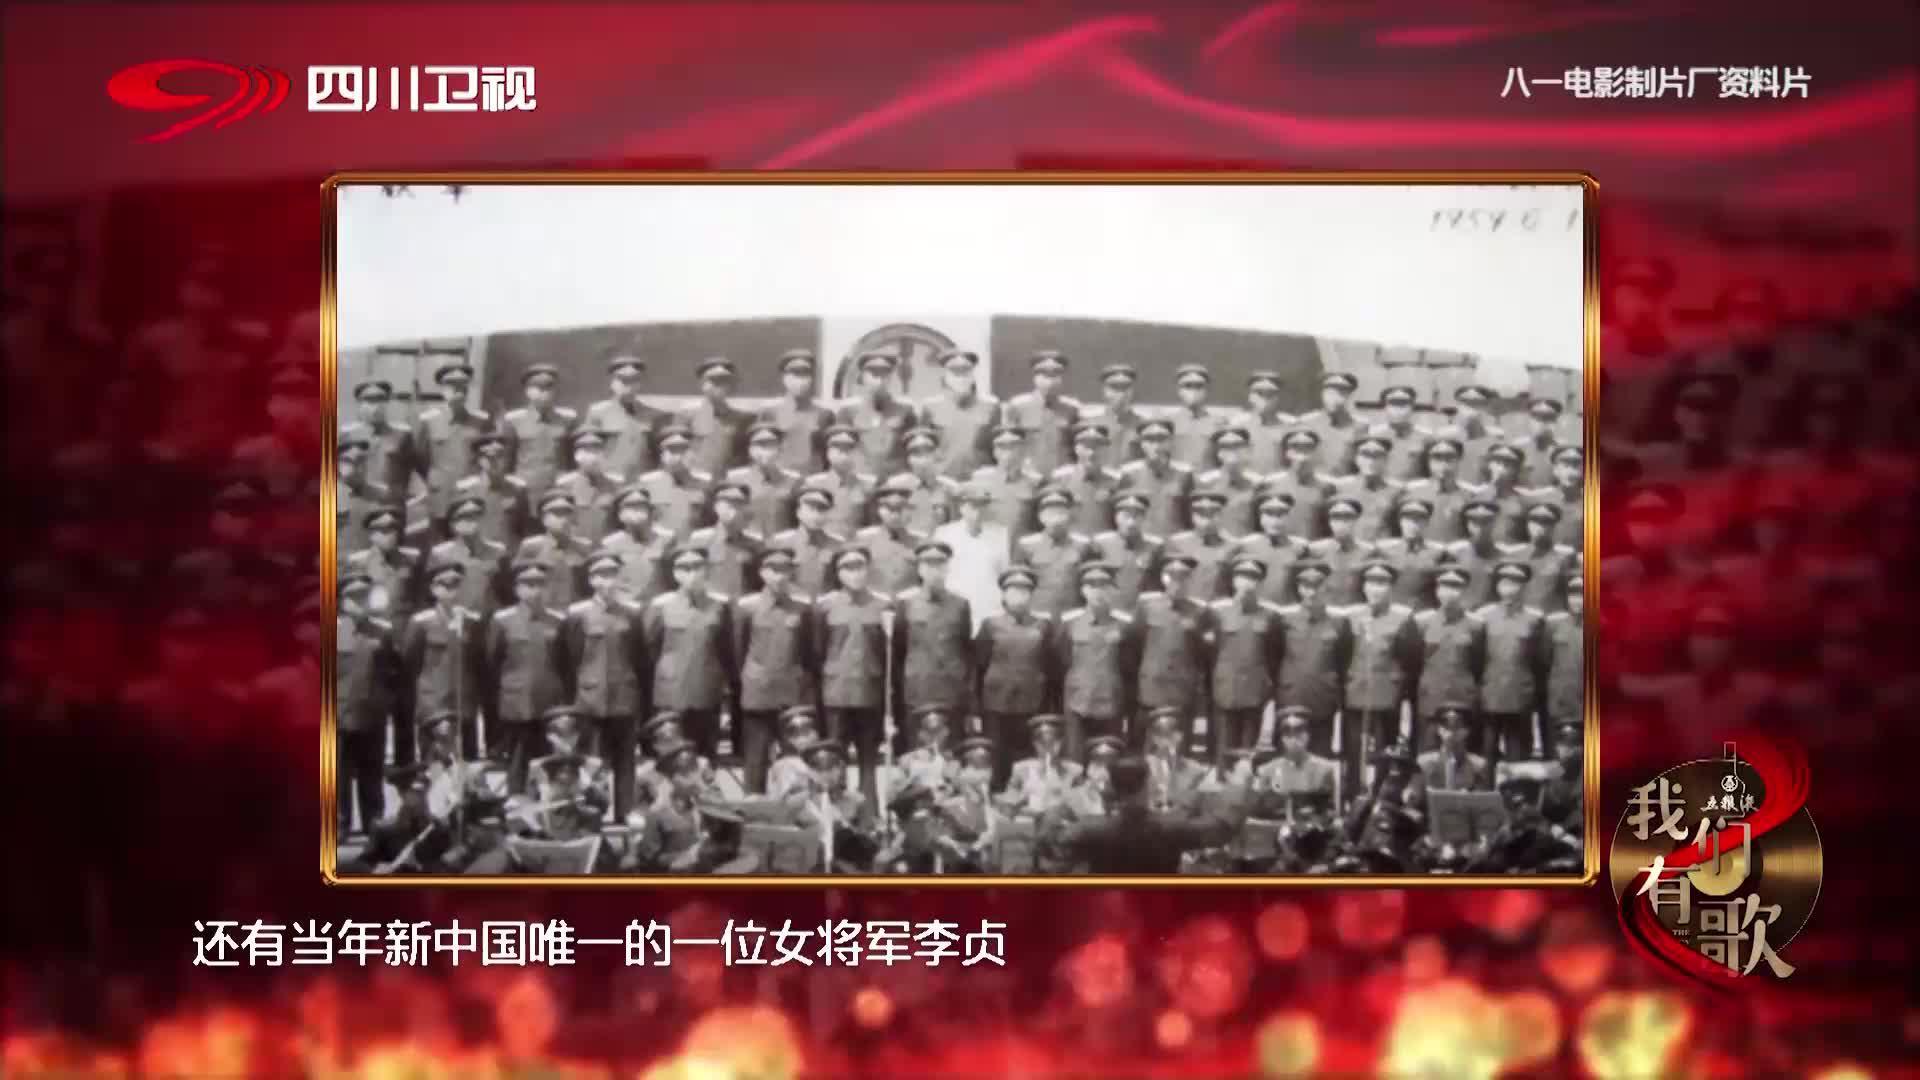 团魂炸裂!我国230位海陆空开国将军演唱《我是一个兵》!